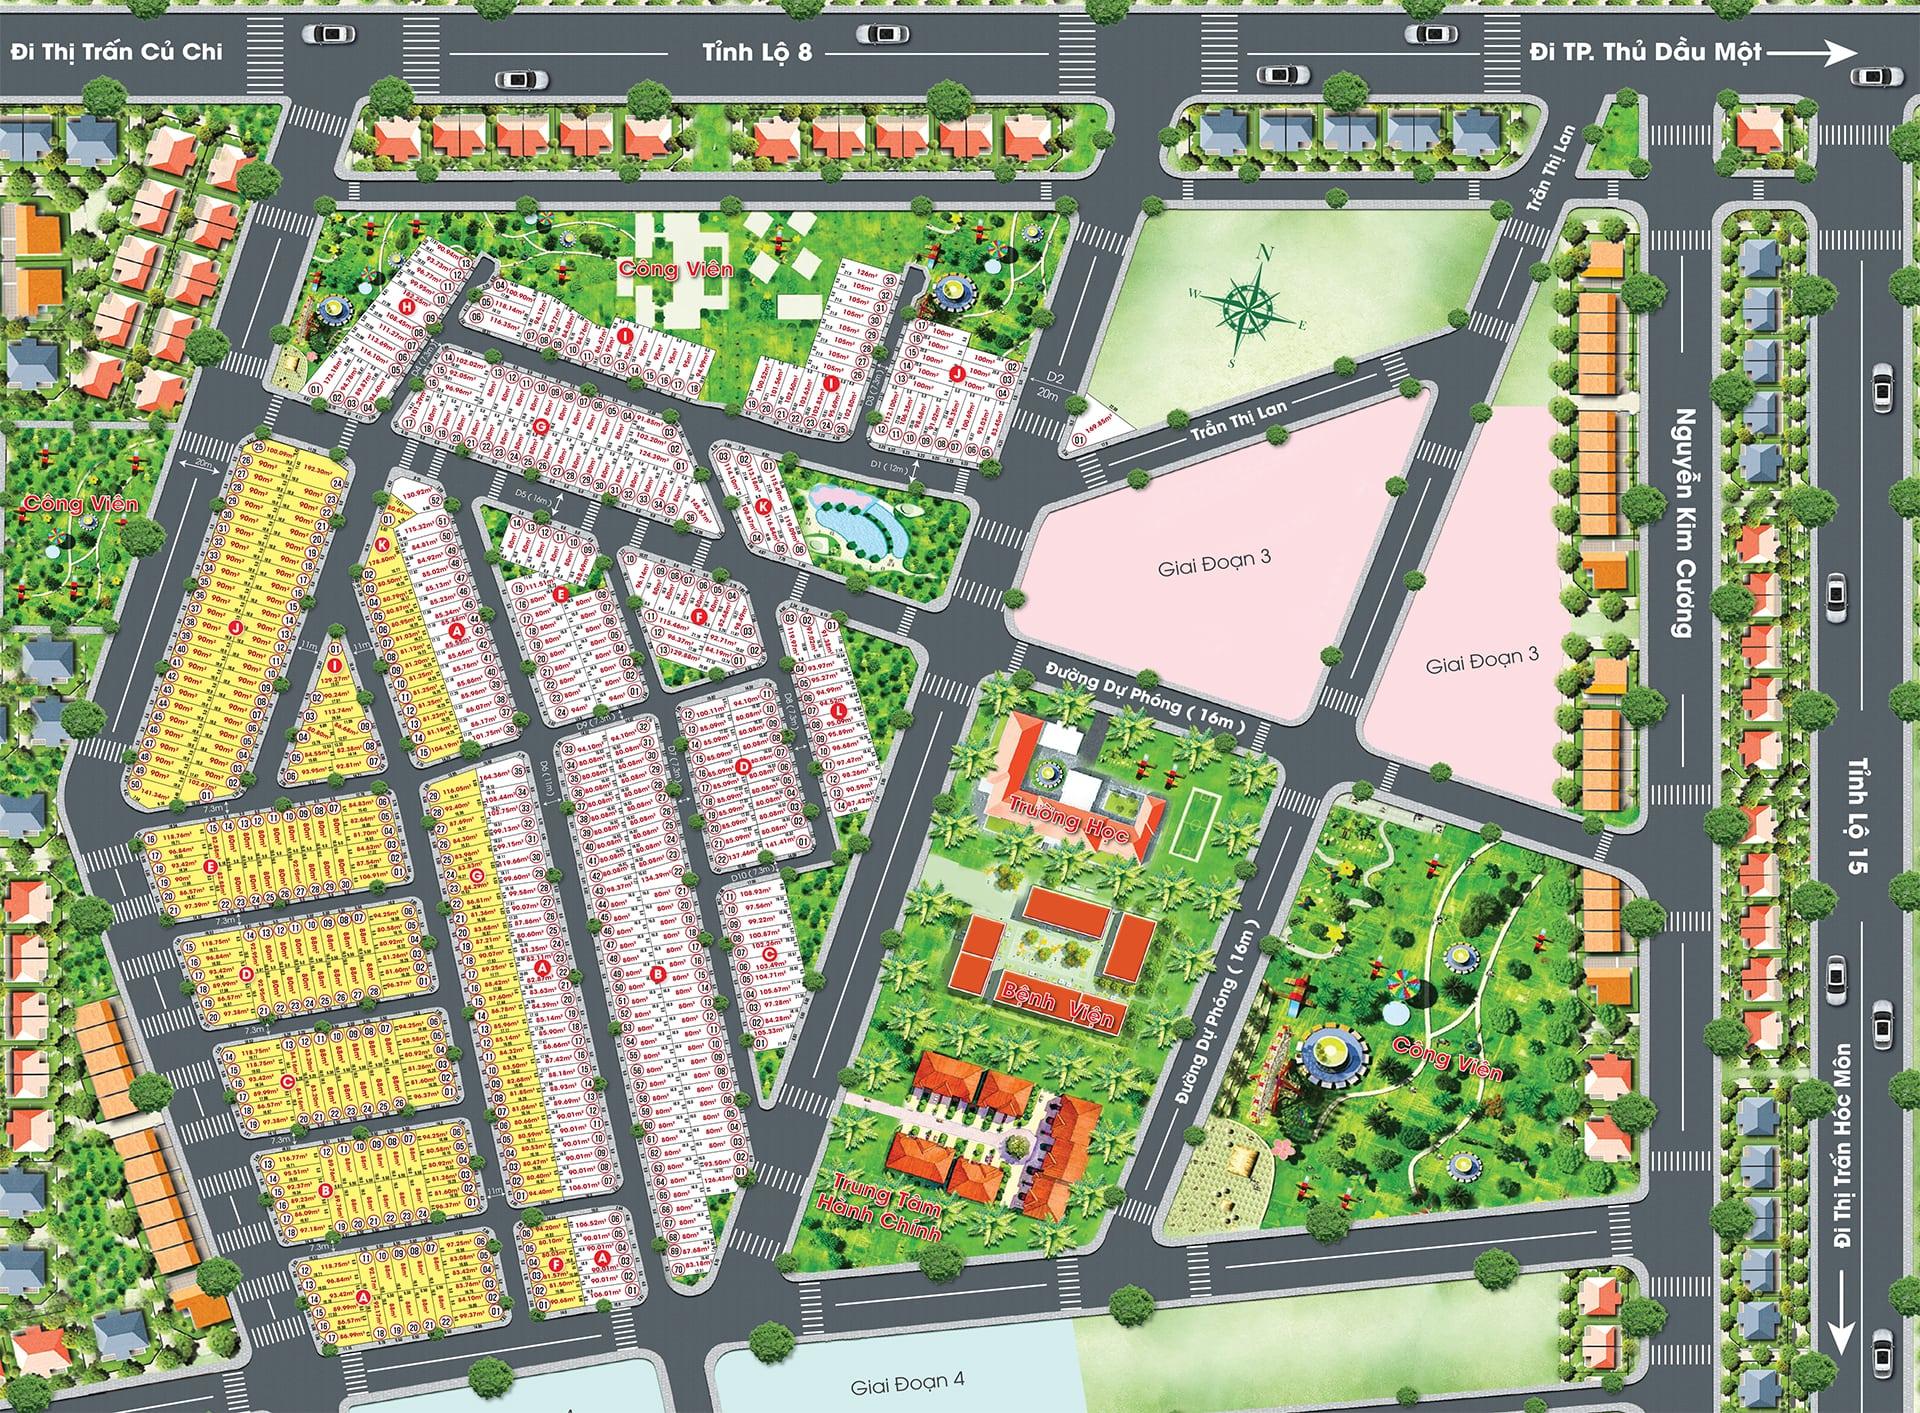 Mặt bằng thiết kế dự án Golden city Tân Quy